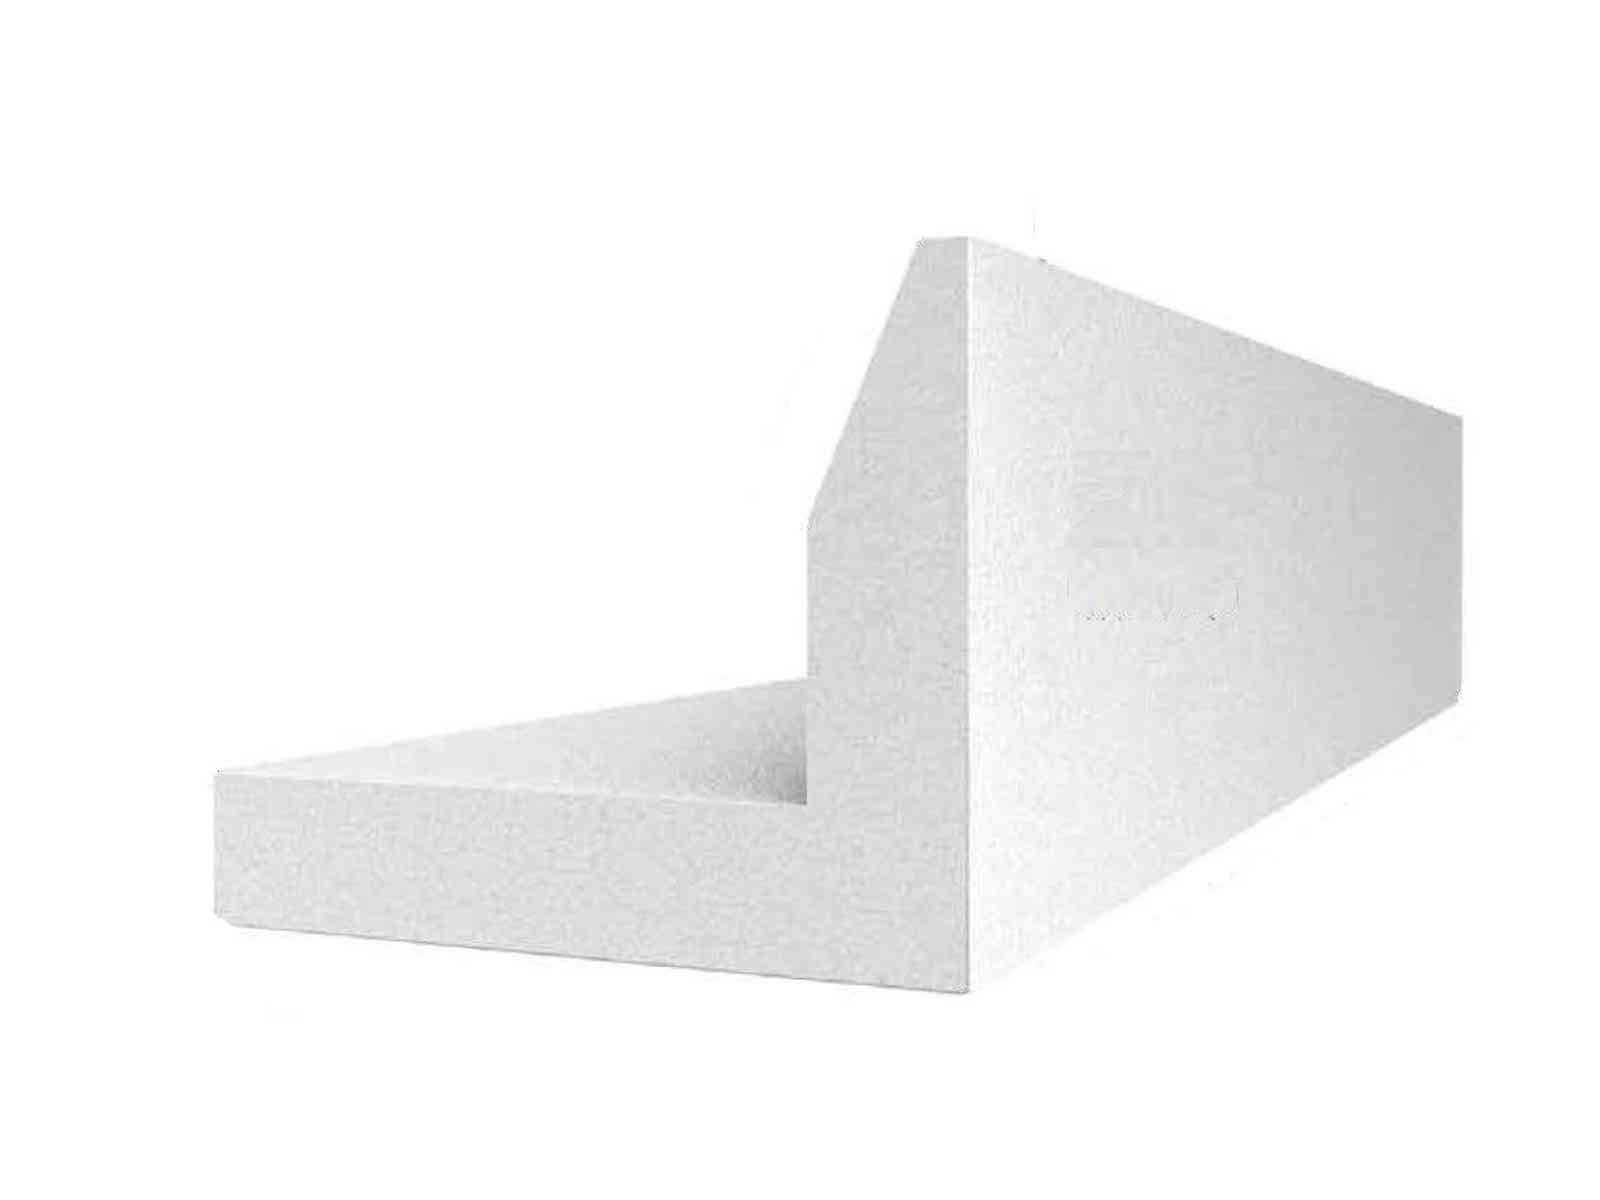 L plus elements karkasa ēku plātņu pamatiem